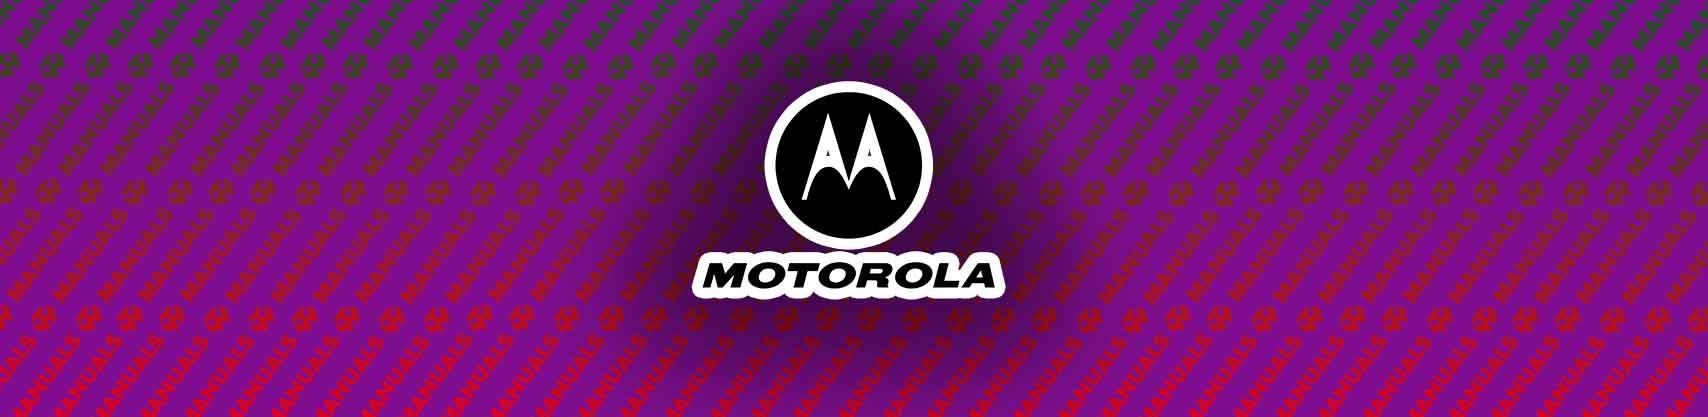 Motorola Focus66 Manual